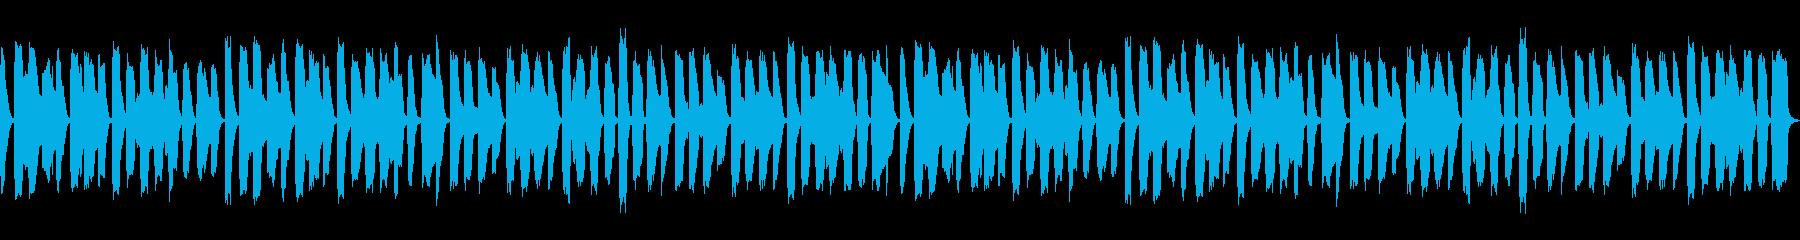 ほのぼのした日常 リコーダーとピアノ楽曲の再生済みの波形